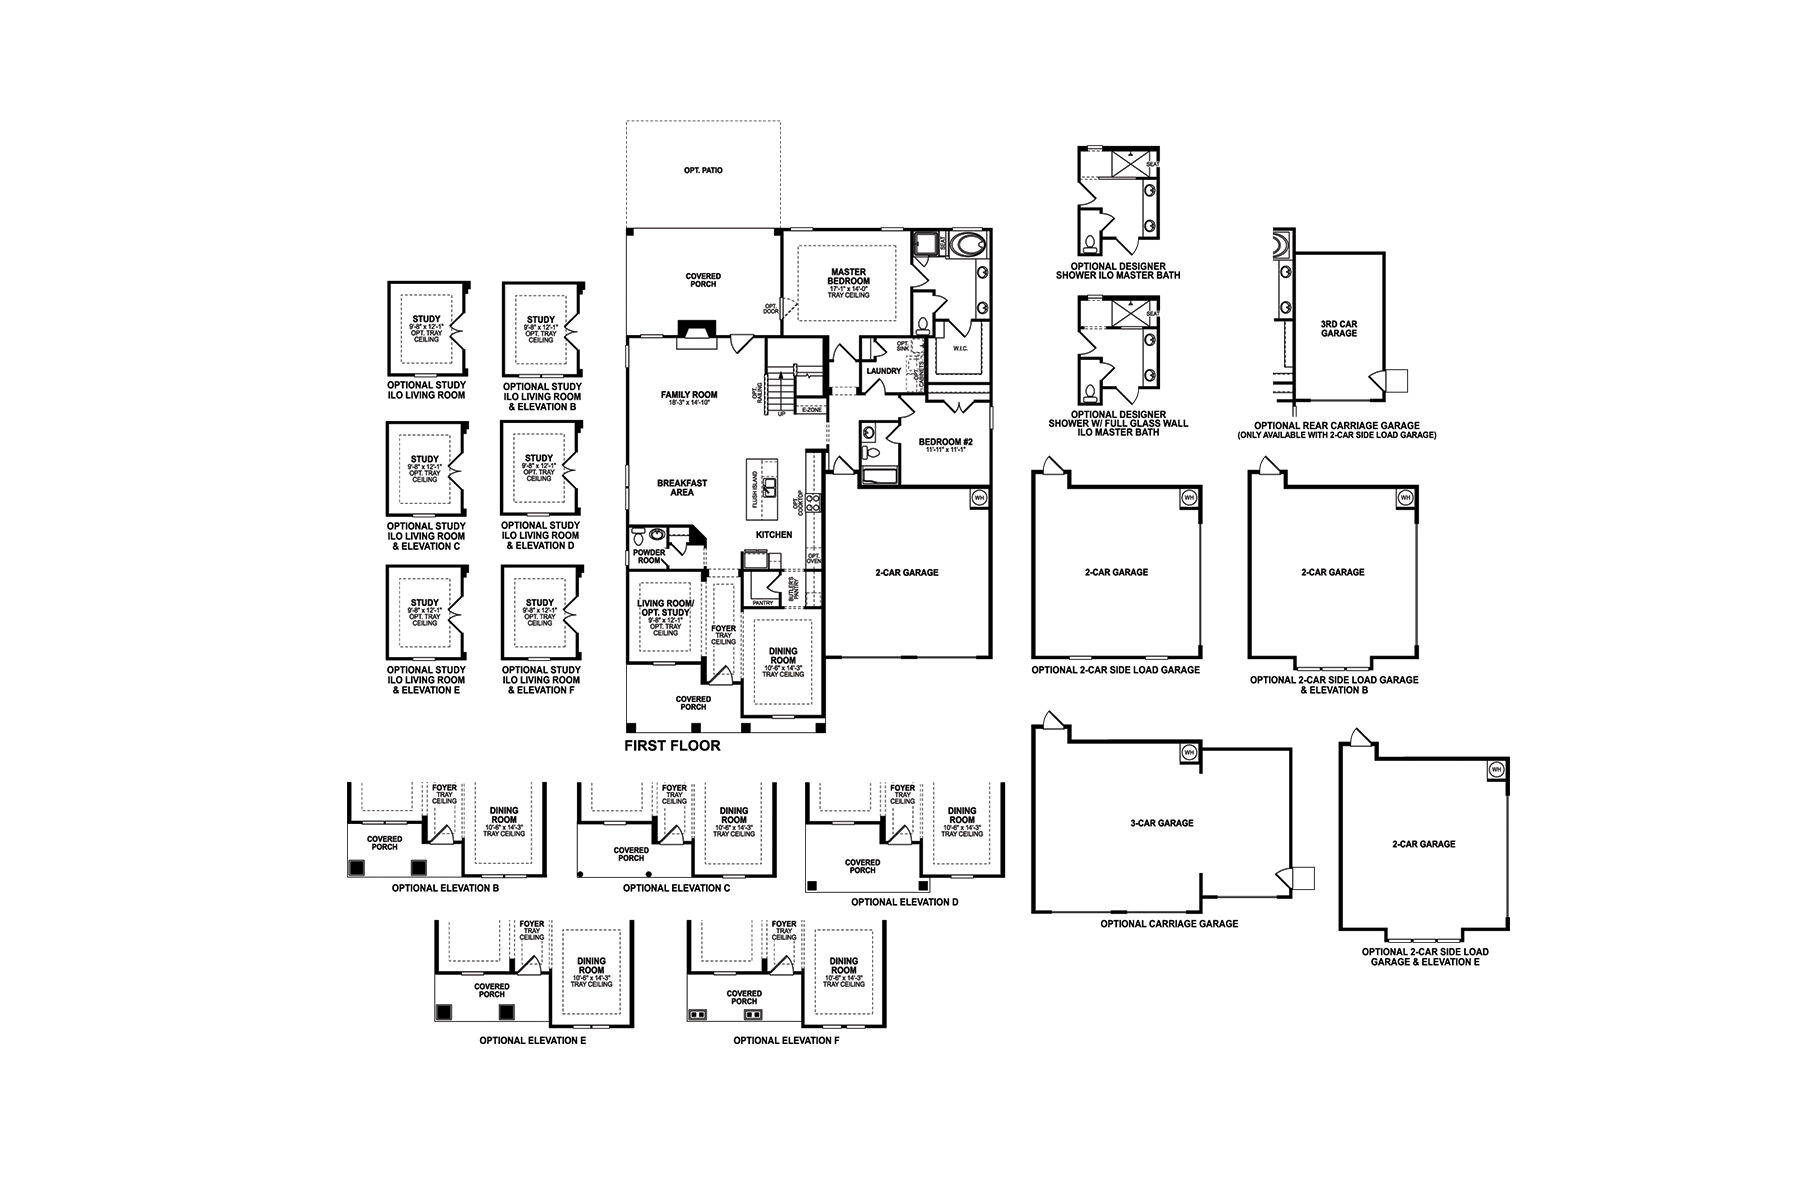 Hathaway First Floor